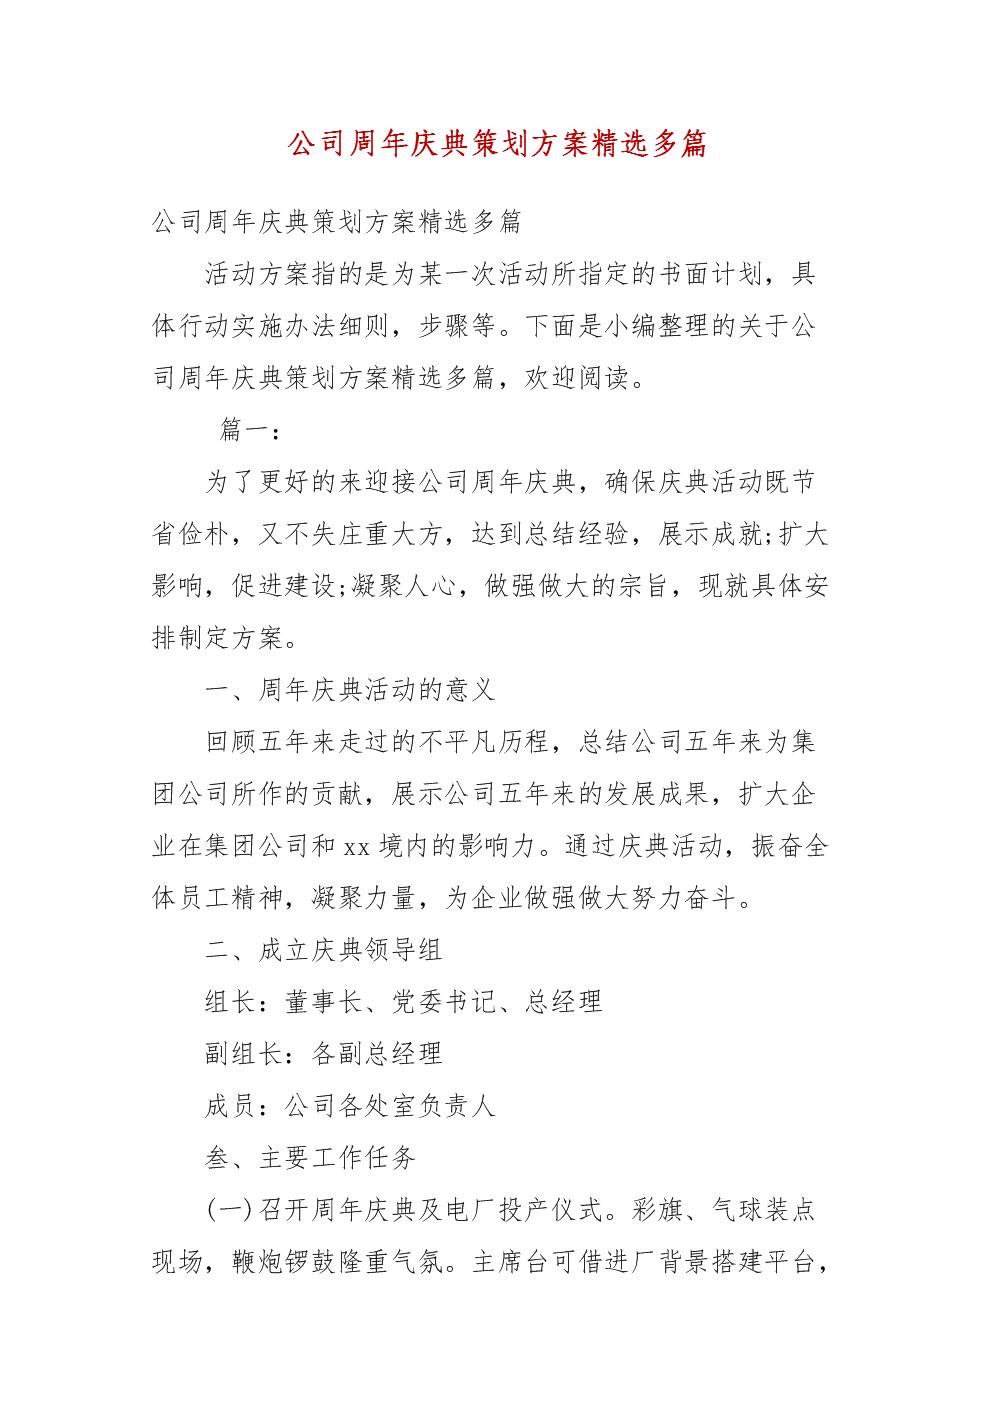 精编公司周年庆典策划方案多篇(三).docx